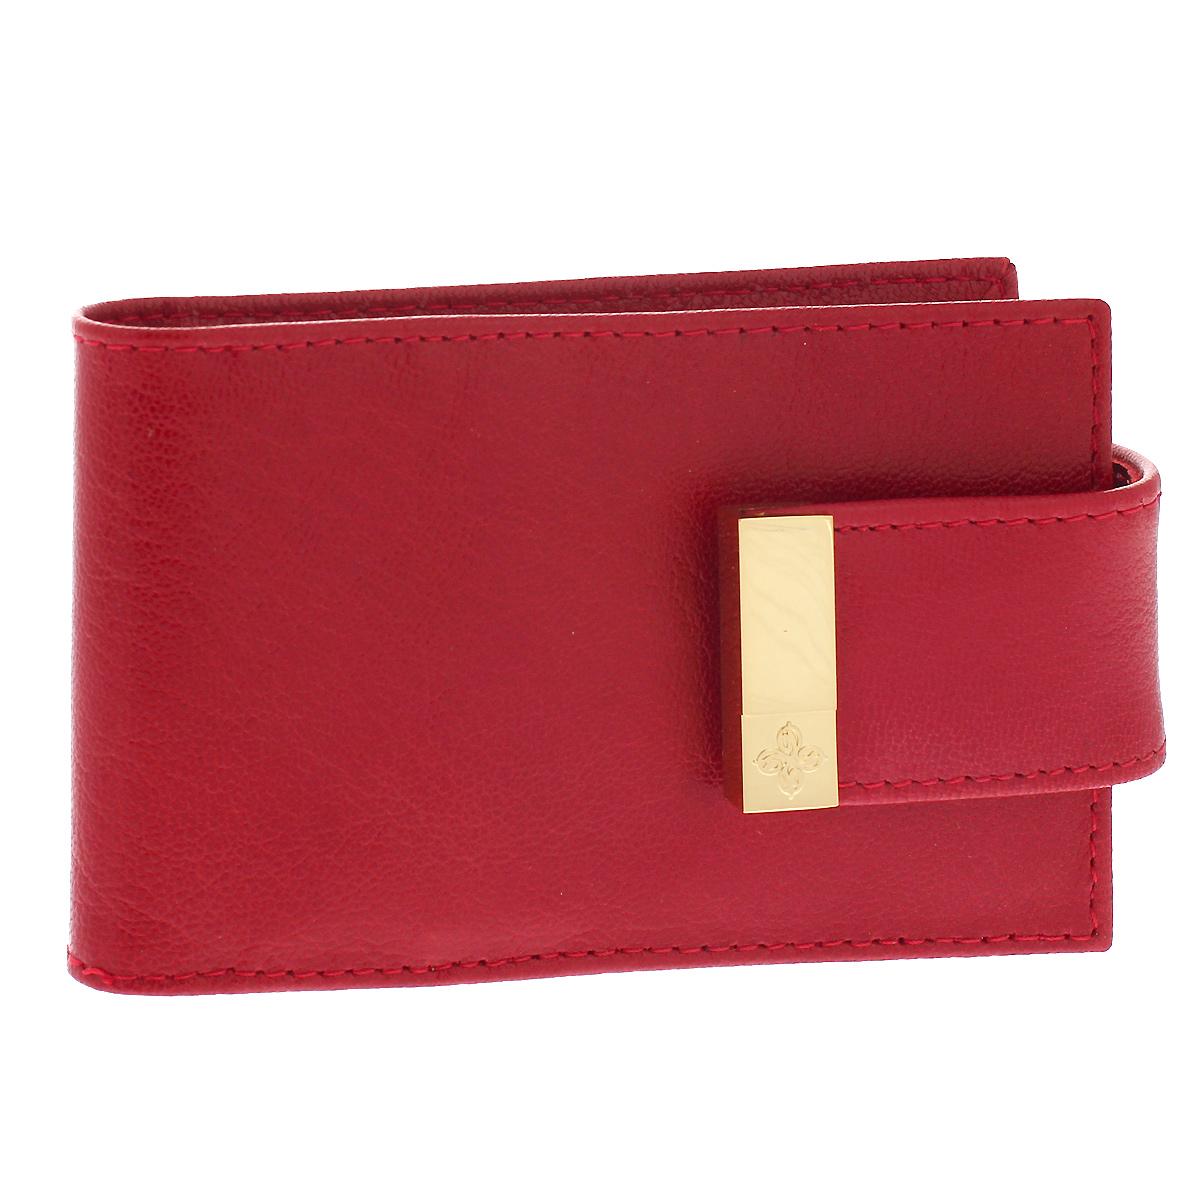 Визитница Dimanche Elite, цвет: красный. 764W16-11128_323Визитница Elite - это стильный аксессуар, который не только сохранит визитки и кредитные карты в порядке, но и, благодаря своему строгому дизайну и высокому качеству исполнения, блестяще подчеркнет тонкий вкус своего обладателя. Визитница выполнена из натуральной высококачественной кожи и содержит внутри съемный блок из 16 прозрачных пластиковых вкладышей, рассчитанных на 32 визитки.Визитница закрывается хлястиком на кнопку.Визитница Elite станет великолепным подарком ценителю современных практичных вещей. Изделие упаковано в фирменную коробку из картона. Характеристики:Материал: натуральная кожа, пленка ПВХ, металл. Цвет: красный. Размер визитницы: 11 см х 6,5 см х 1,5 см.